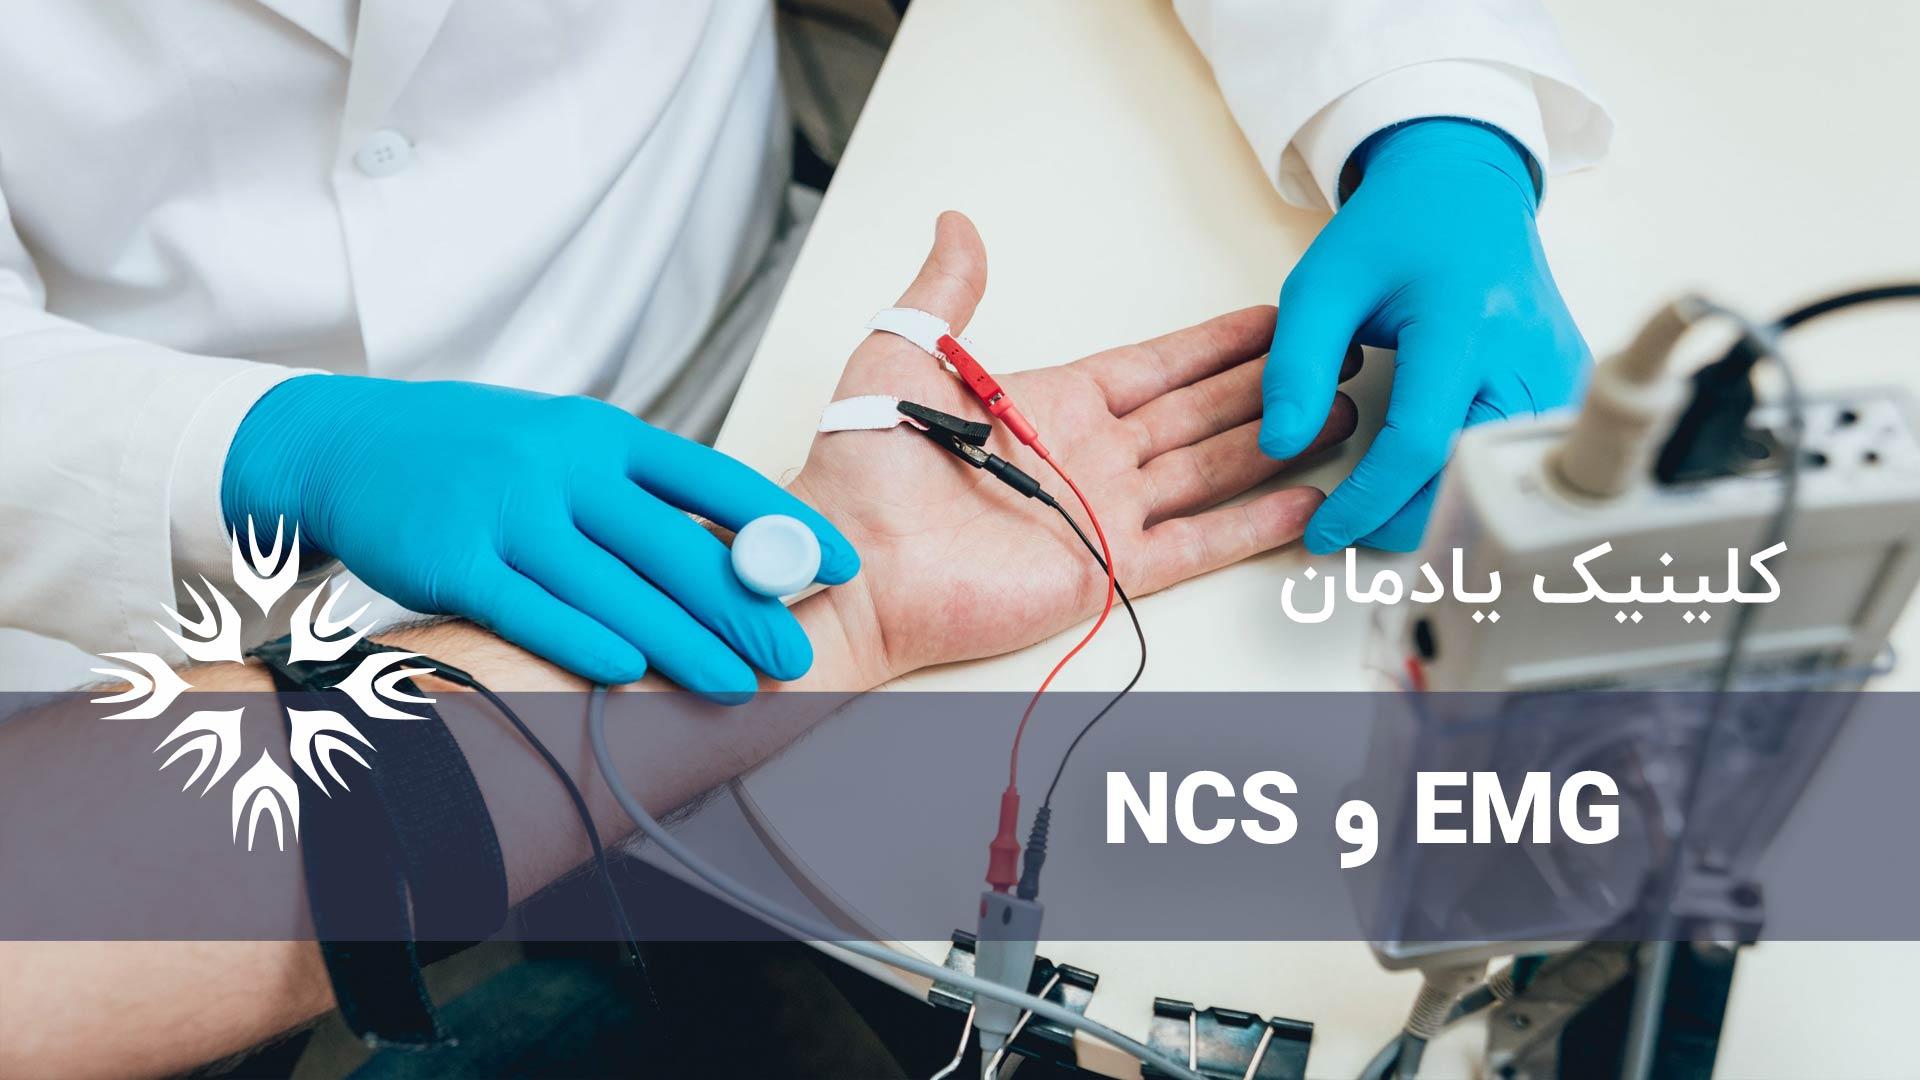 الکترومایوگرافی (EMG) و تست هدایت عصبی (NCS)